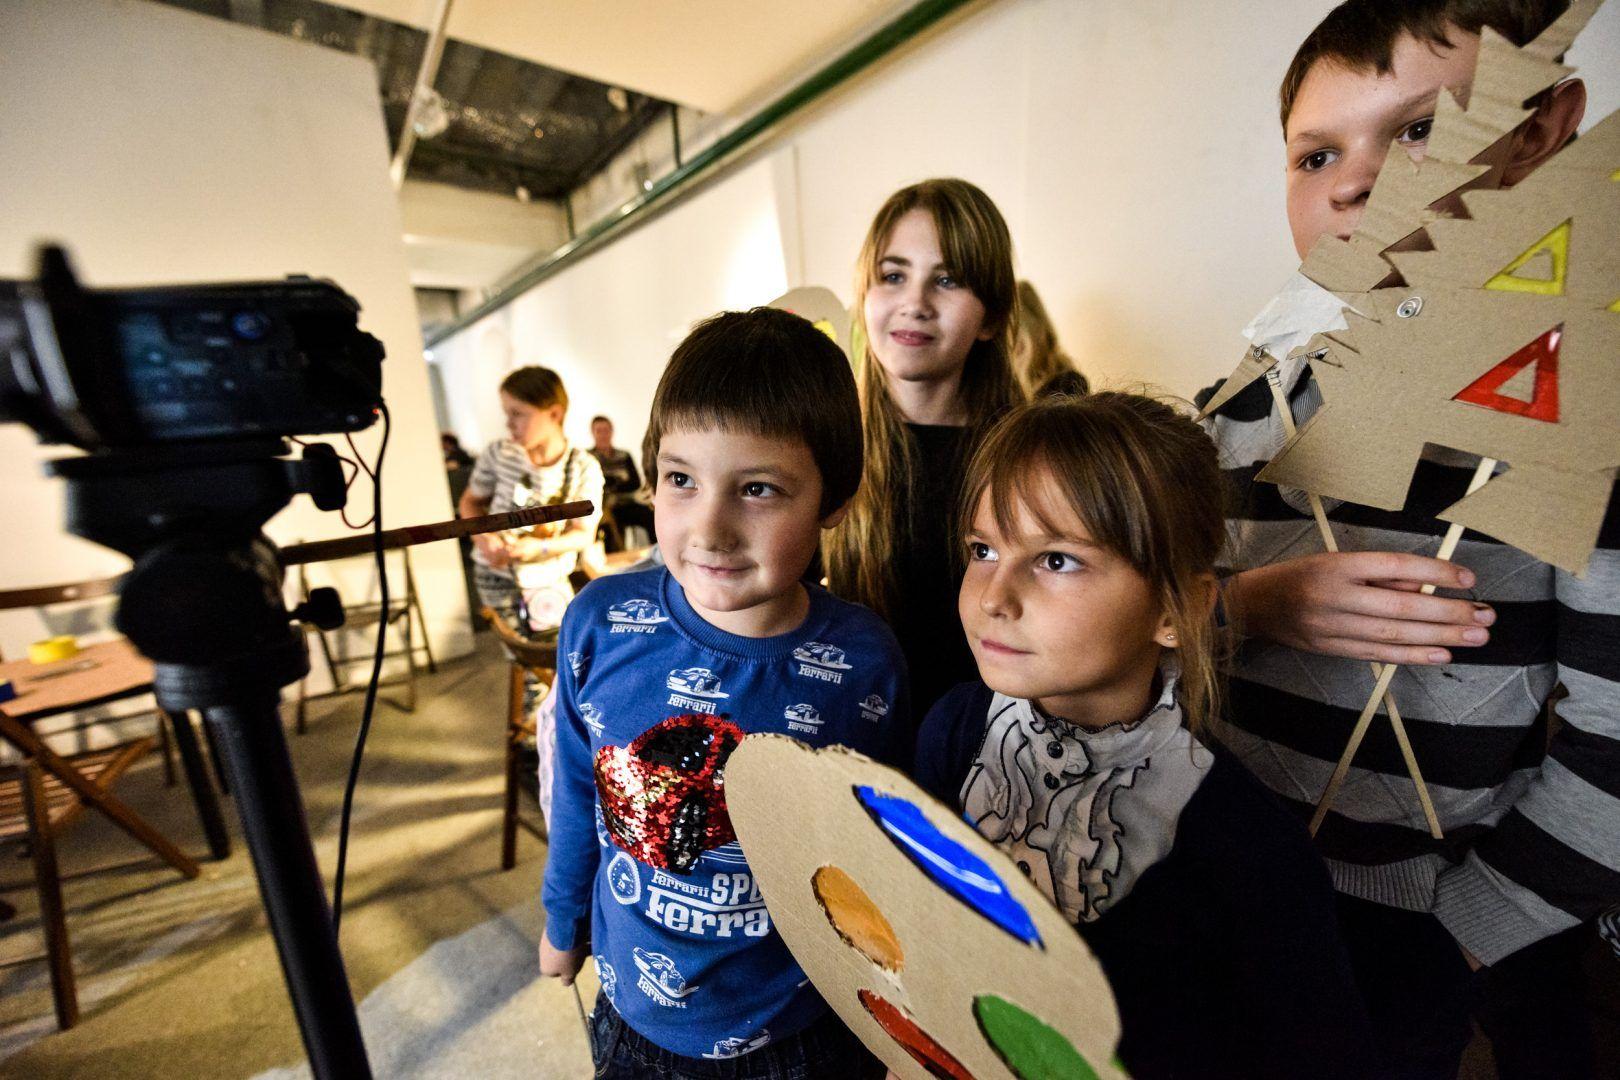 Свои работы на фестивале представили ребята из школьной студии «Мы — будущее». Фото: архив, «Вечерняя Москва»Свои работы на фестивале представили ребята из школьной студии «Мы — будущее». Фото: архив, «Вечерняя Москва»